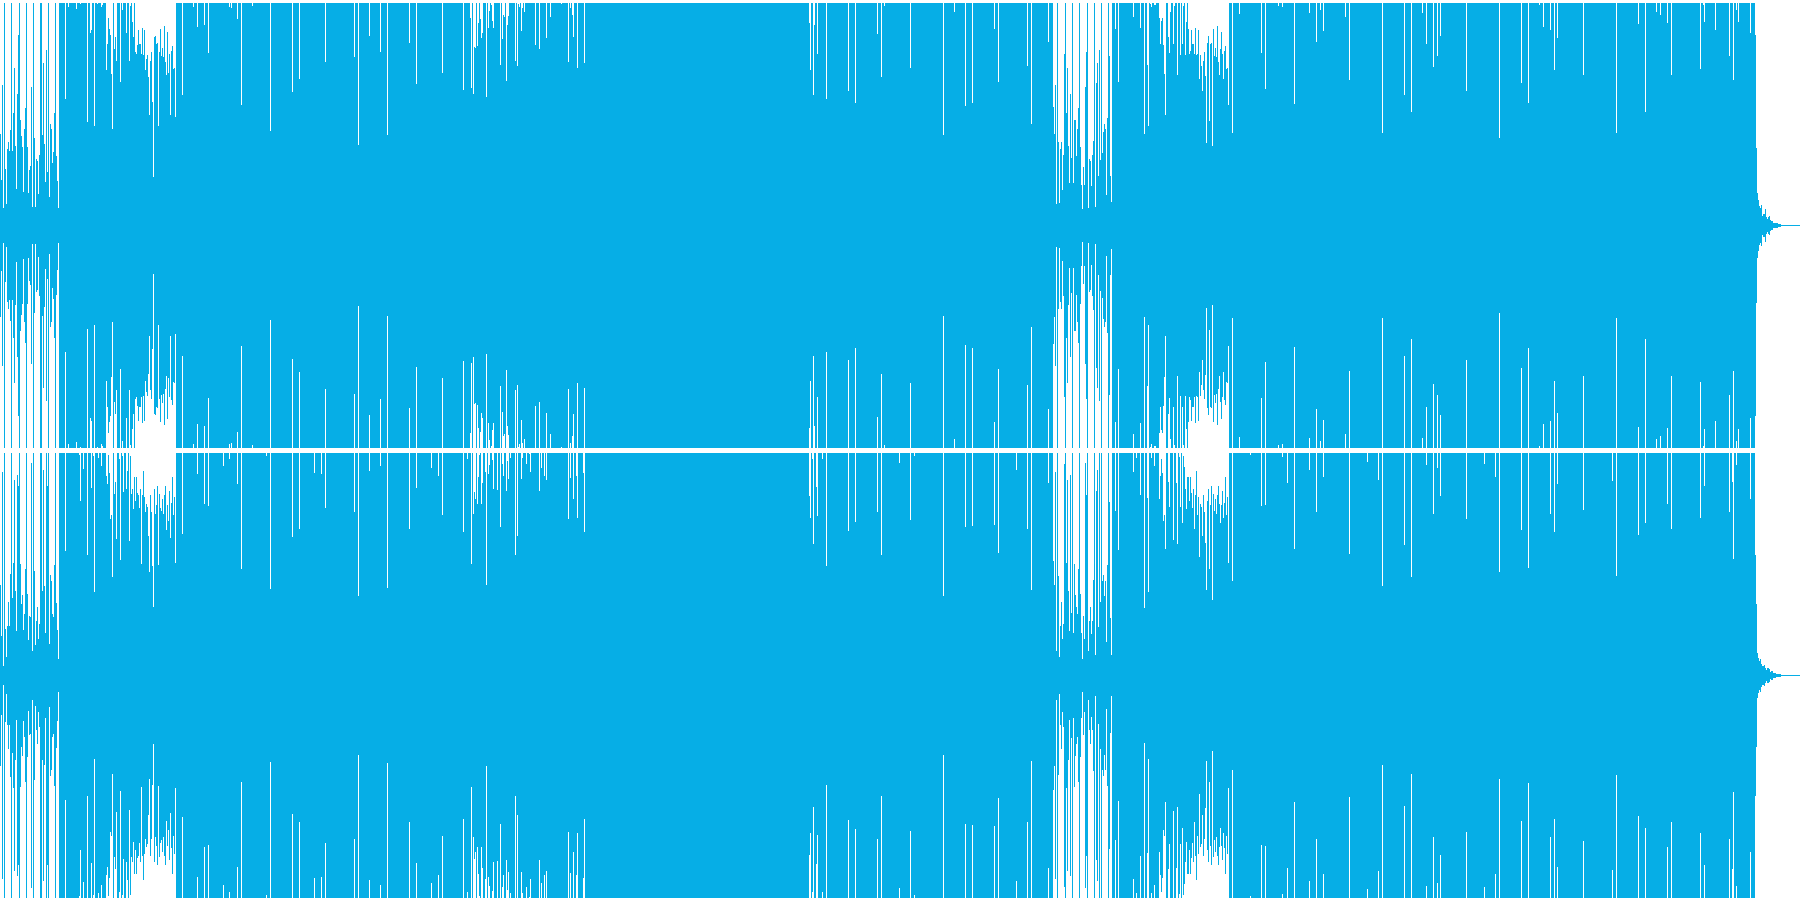 スパイ映画系ワクワクするEDMの再生済みの波形